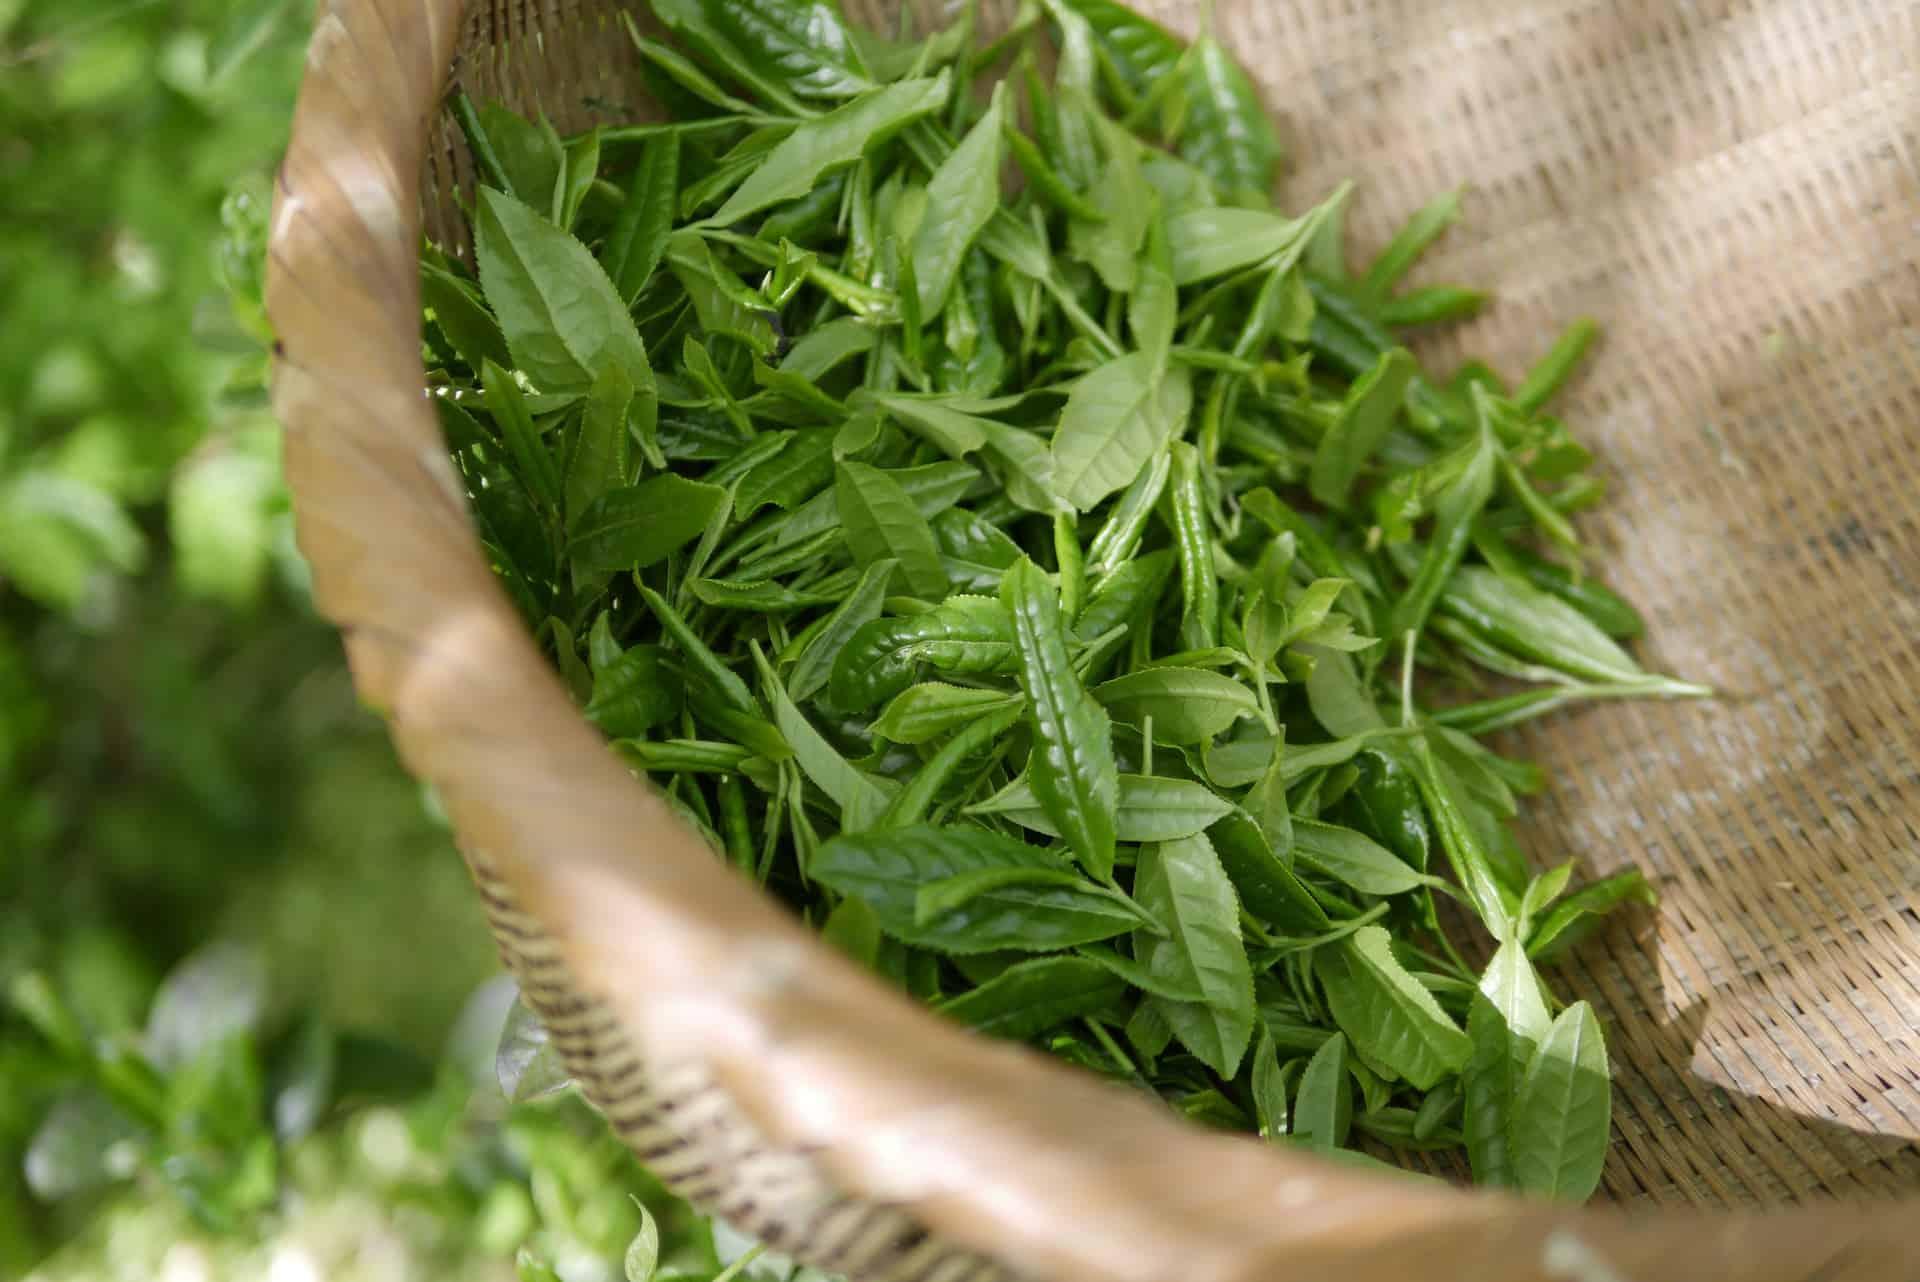 Fotografia de chá verde in natura para ilustração do item